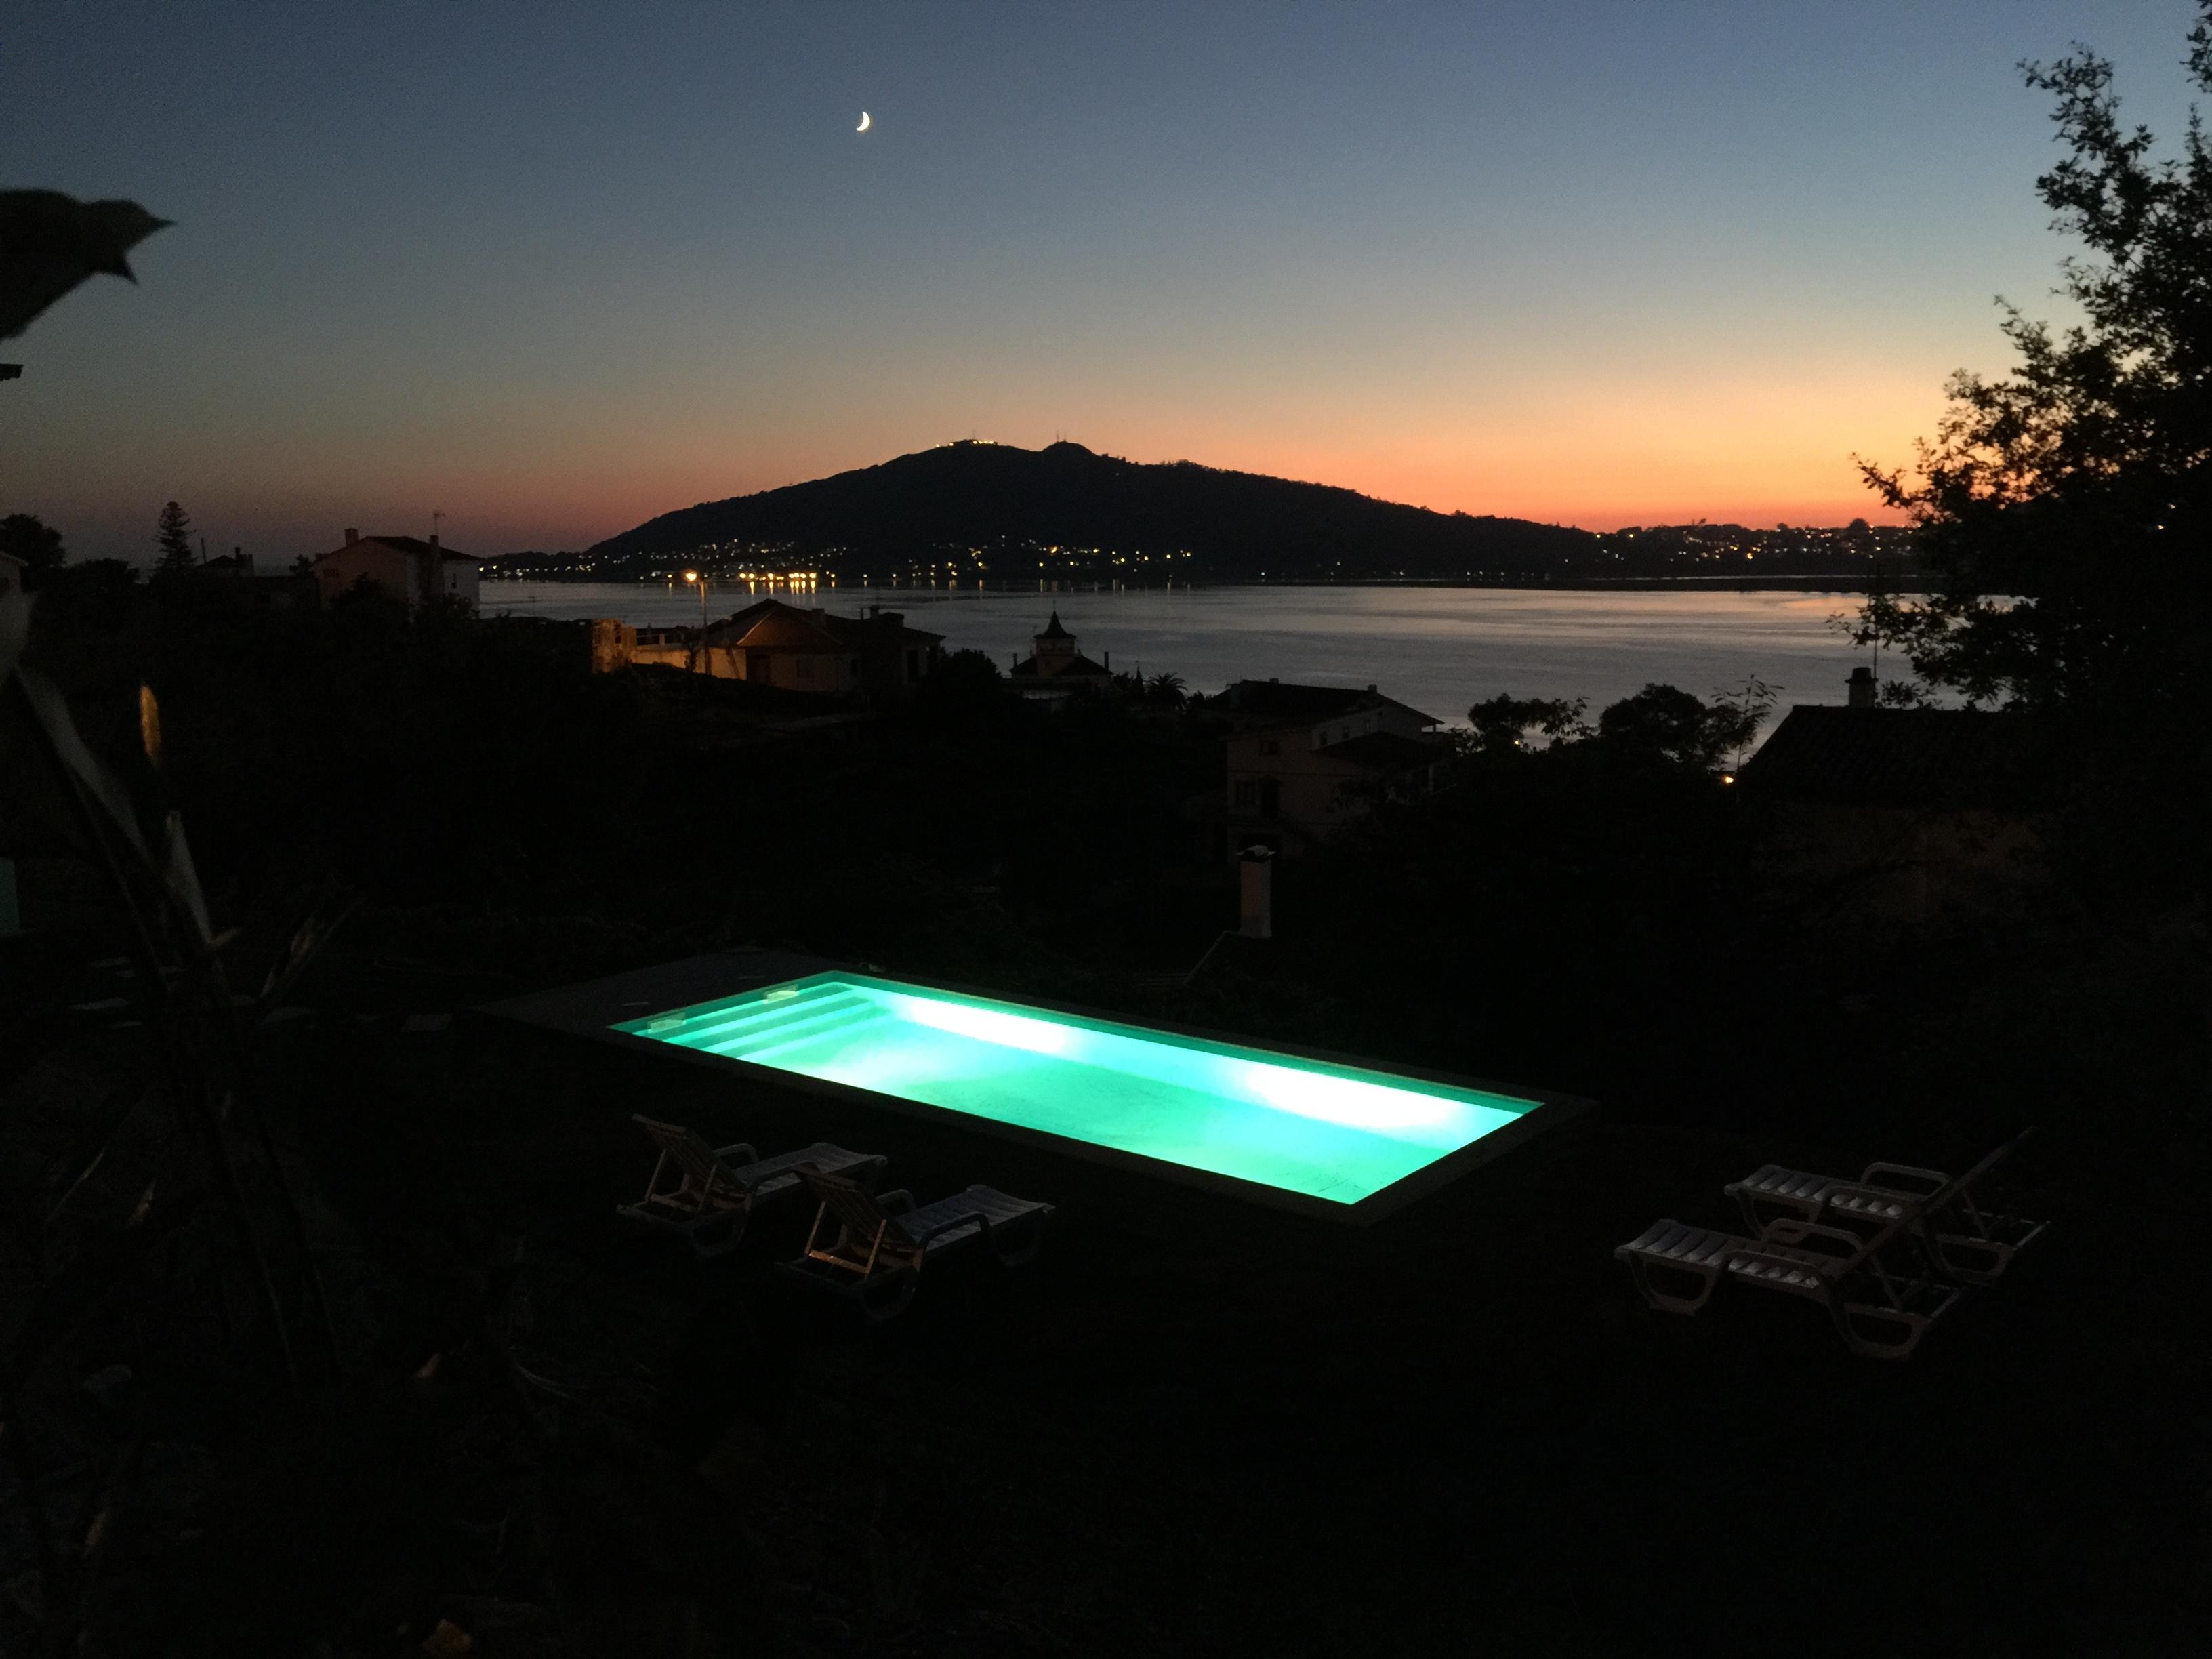 aMaRe vista piscina noite